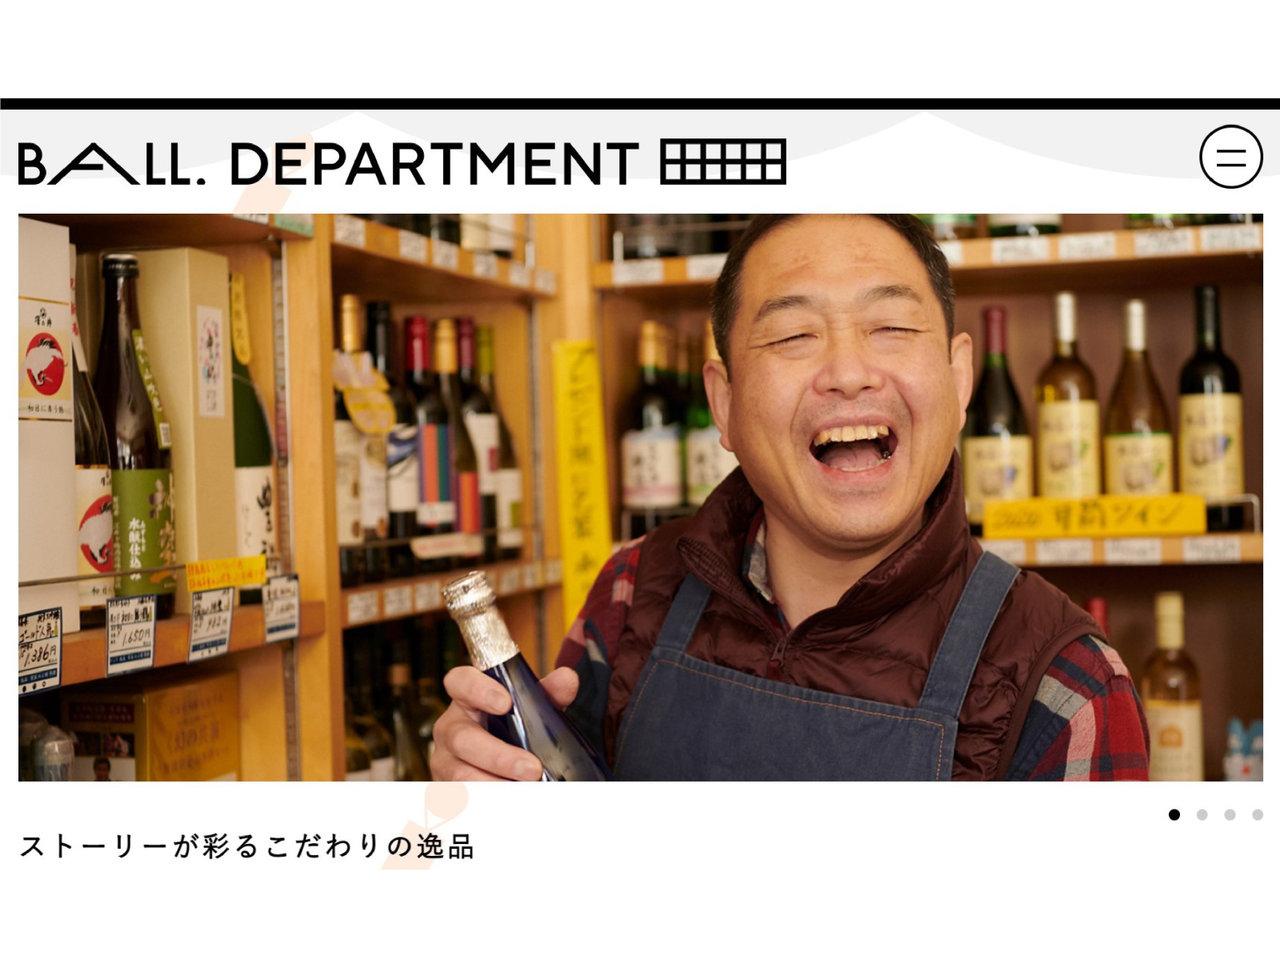 """多摩エリアの商品を""""物語で紹介する""""カタログサイト「BALL.DEPARTMENT」オープン!"""